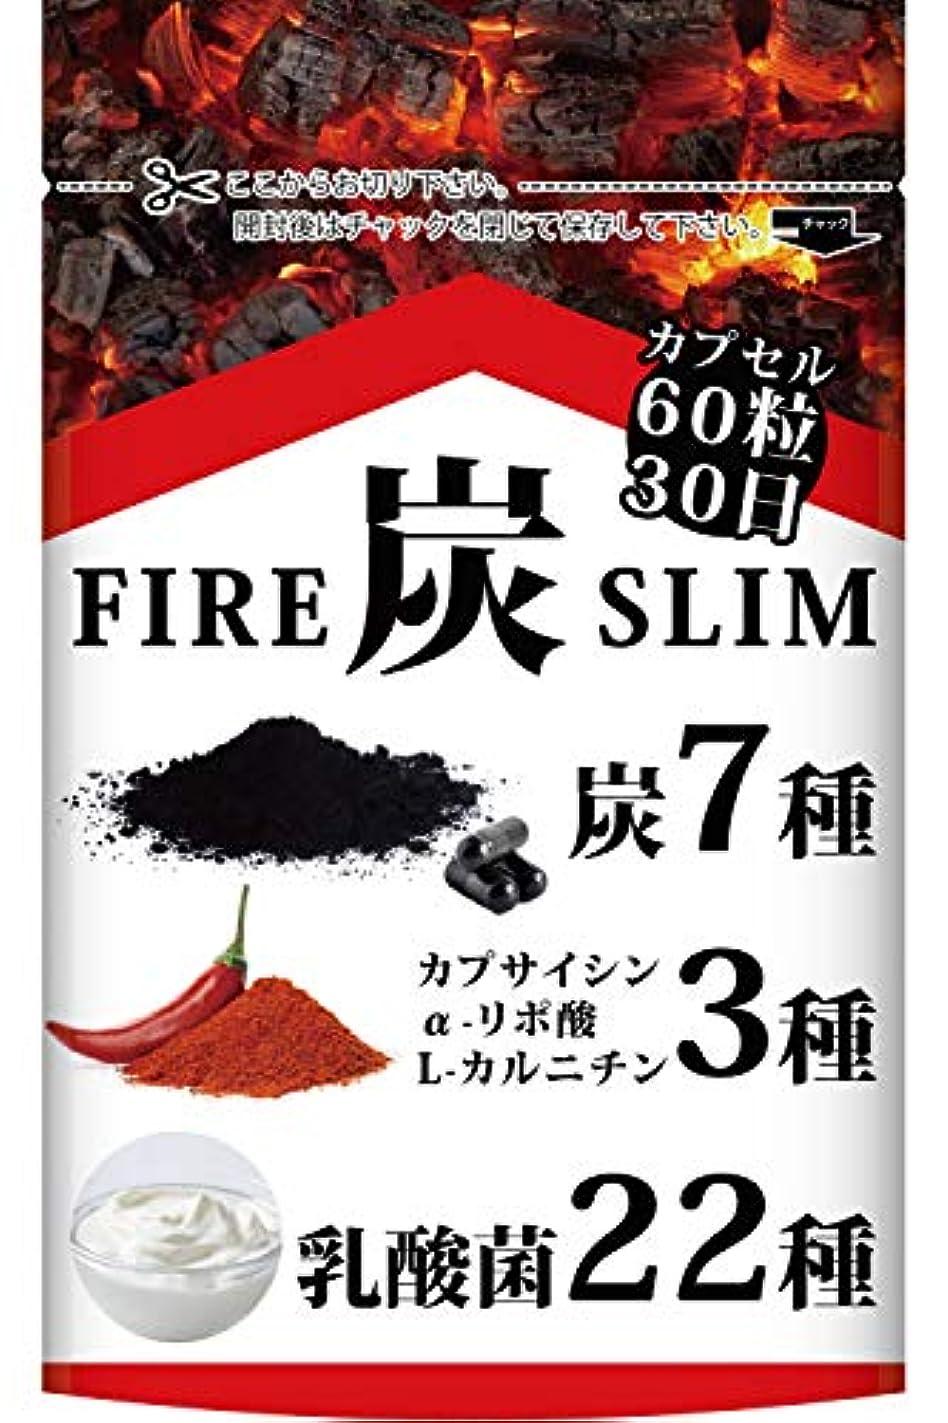 ゴールデンバランス結晶ダイエットサプリ 炭 カプサイシン チャコール 7種の純炭 乳酸菌 60粒30日分 FIRE炭SLIM